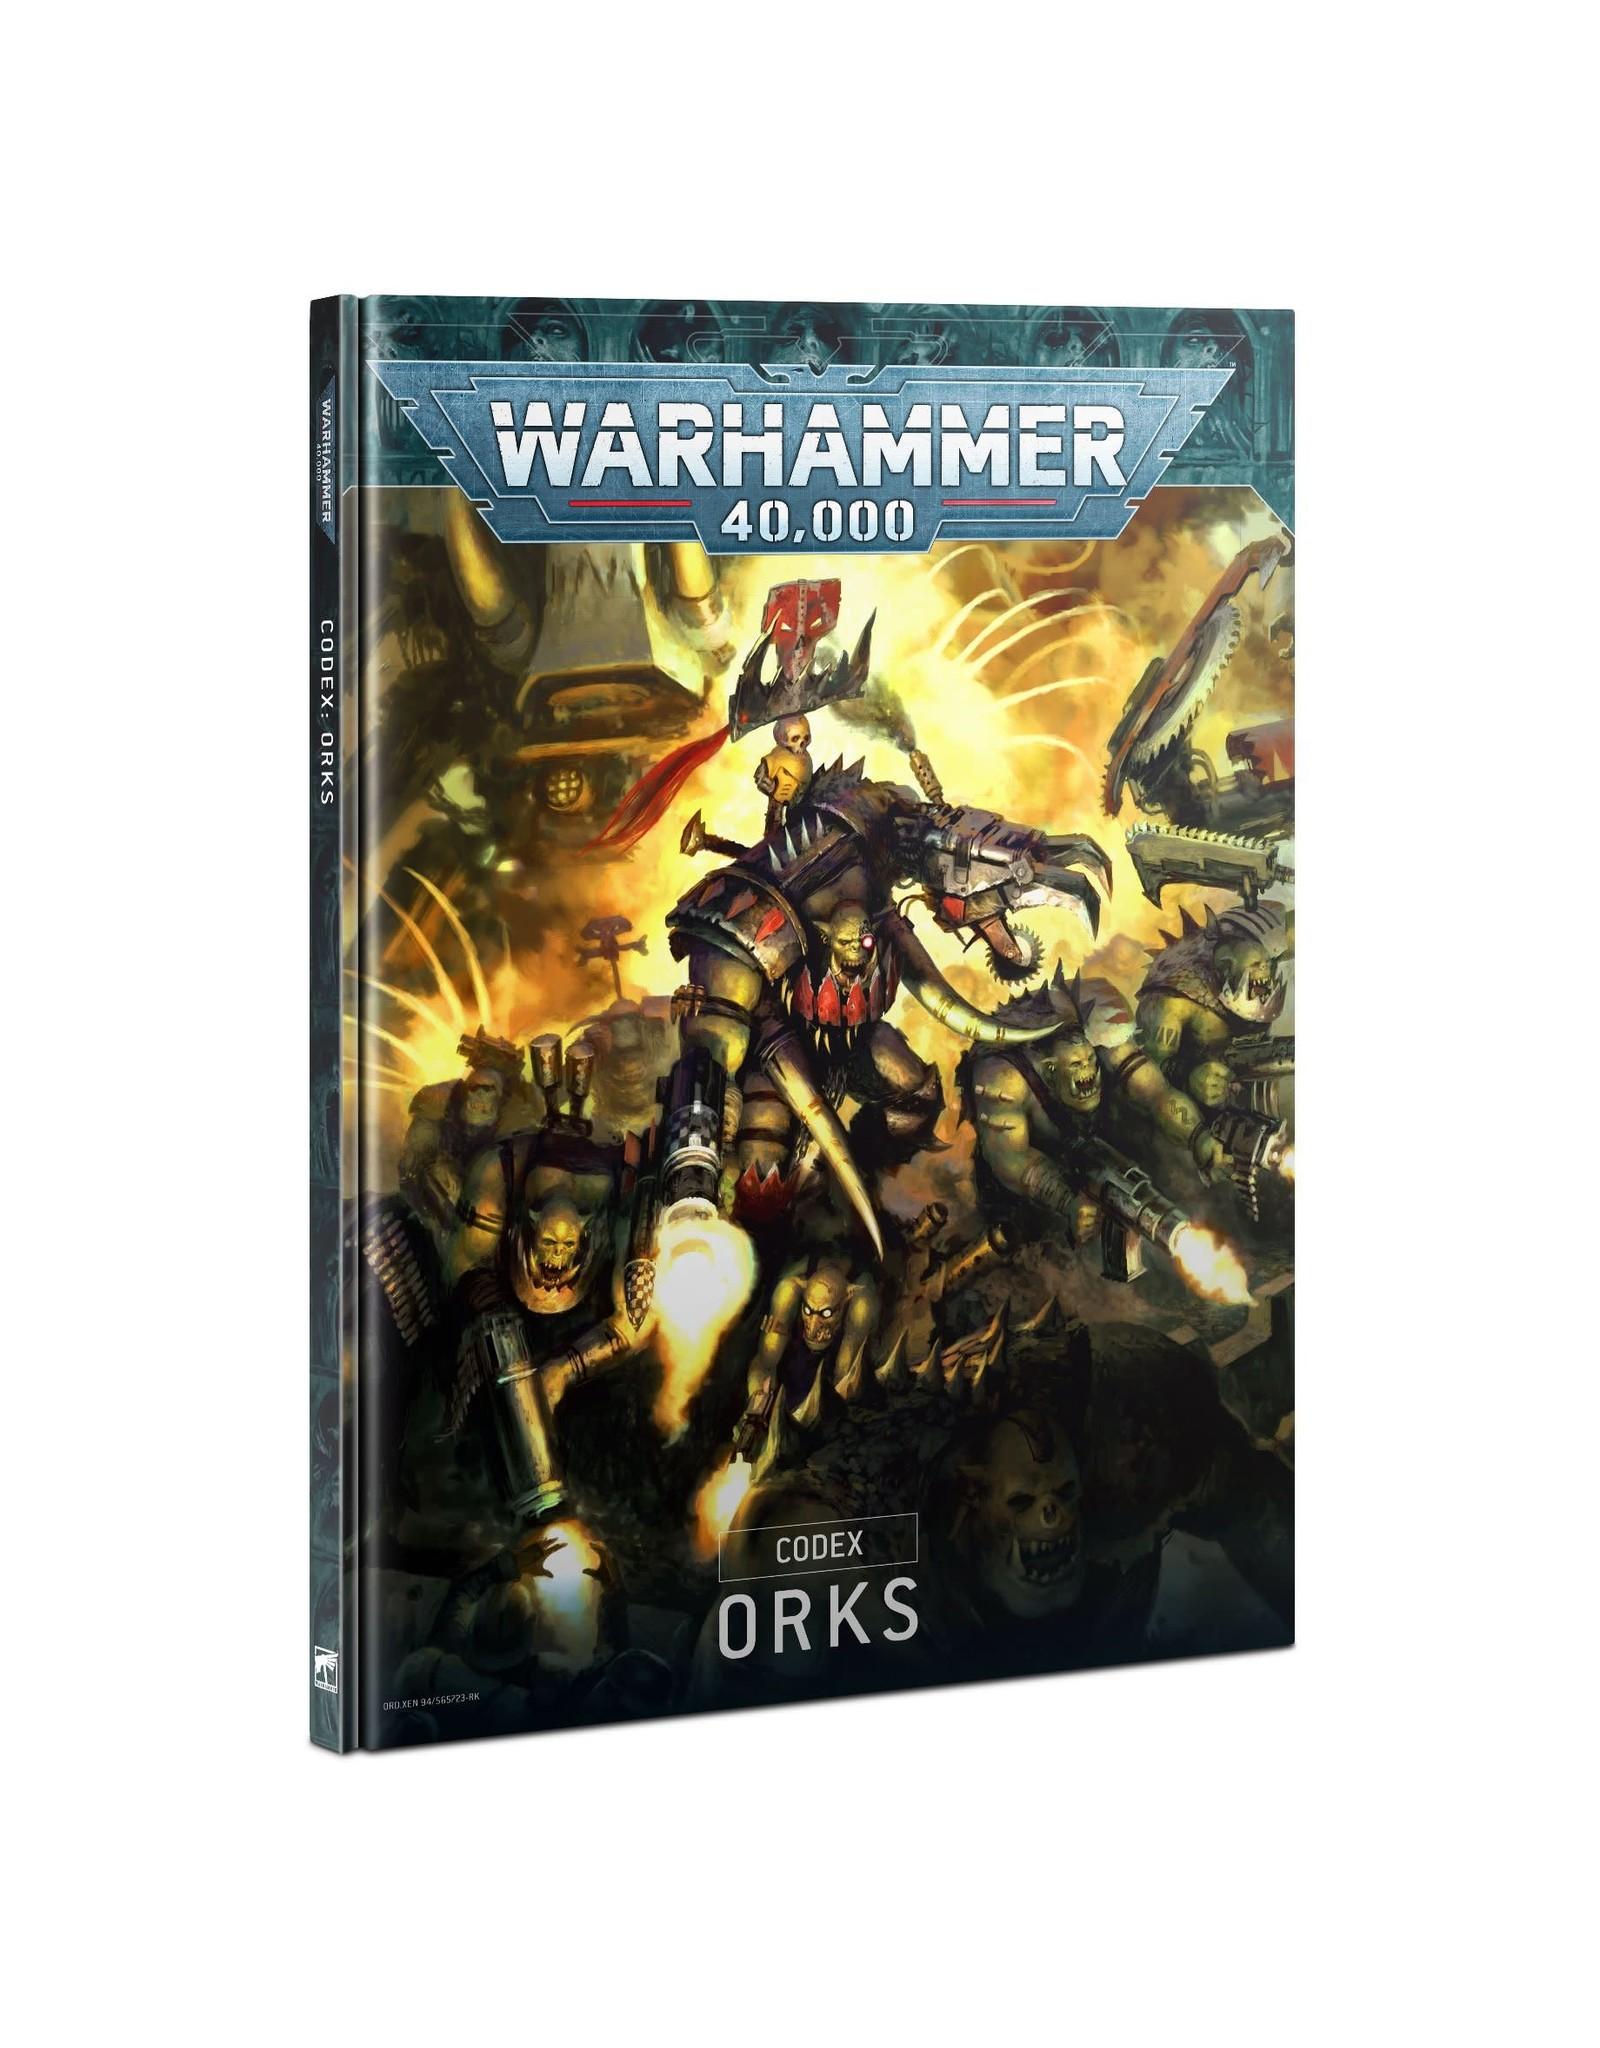 GAMES WORKSHOP WARHAMMER 40,000 CODEX: ORKS